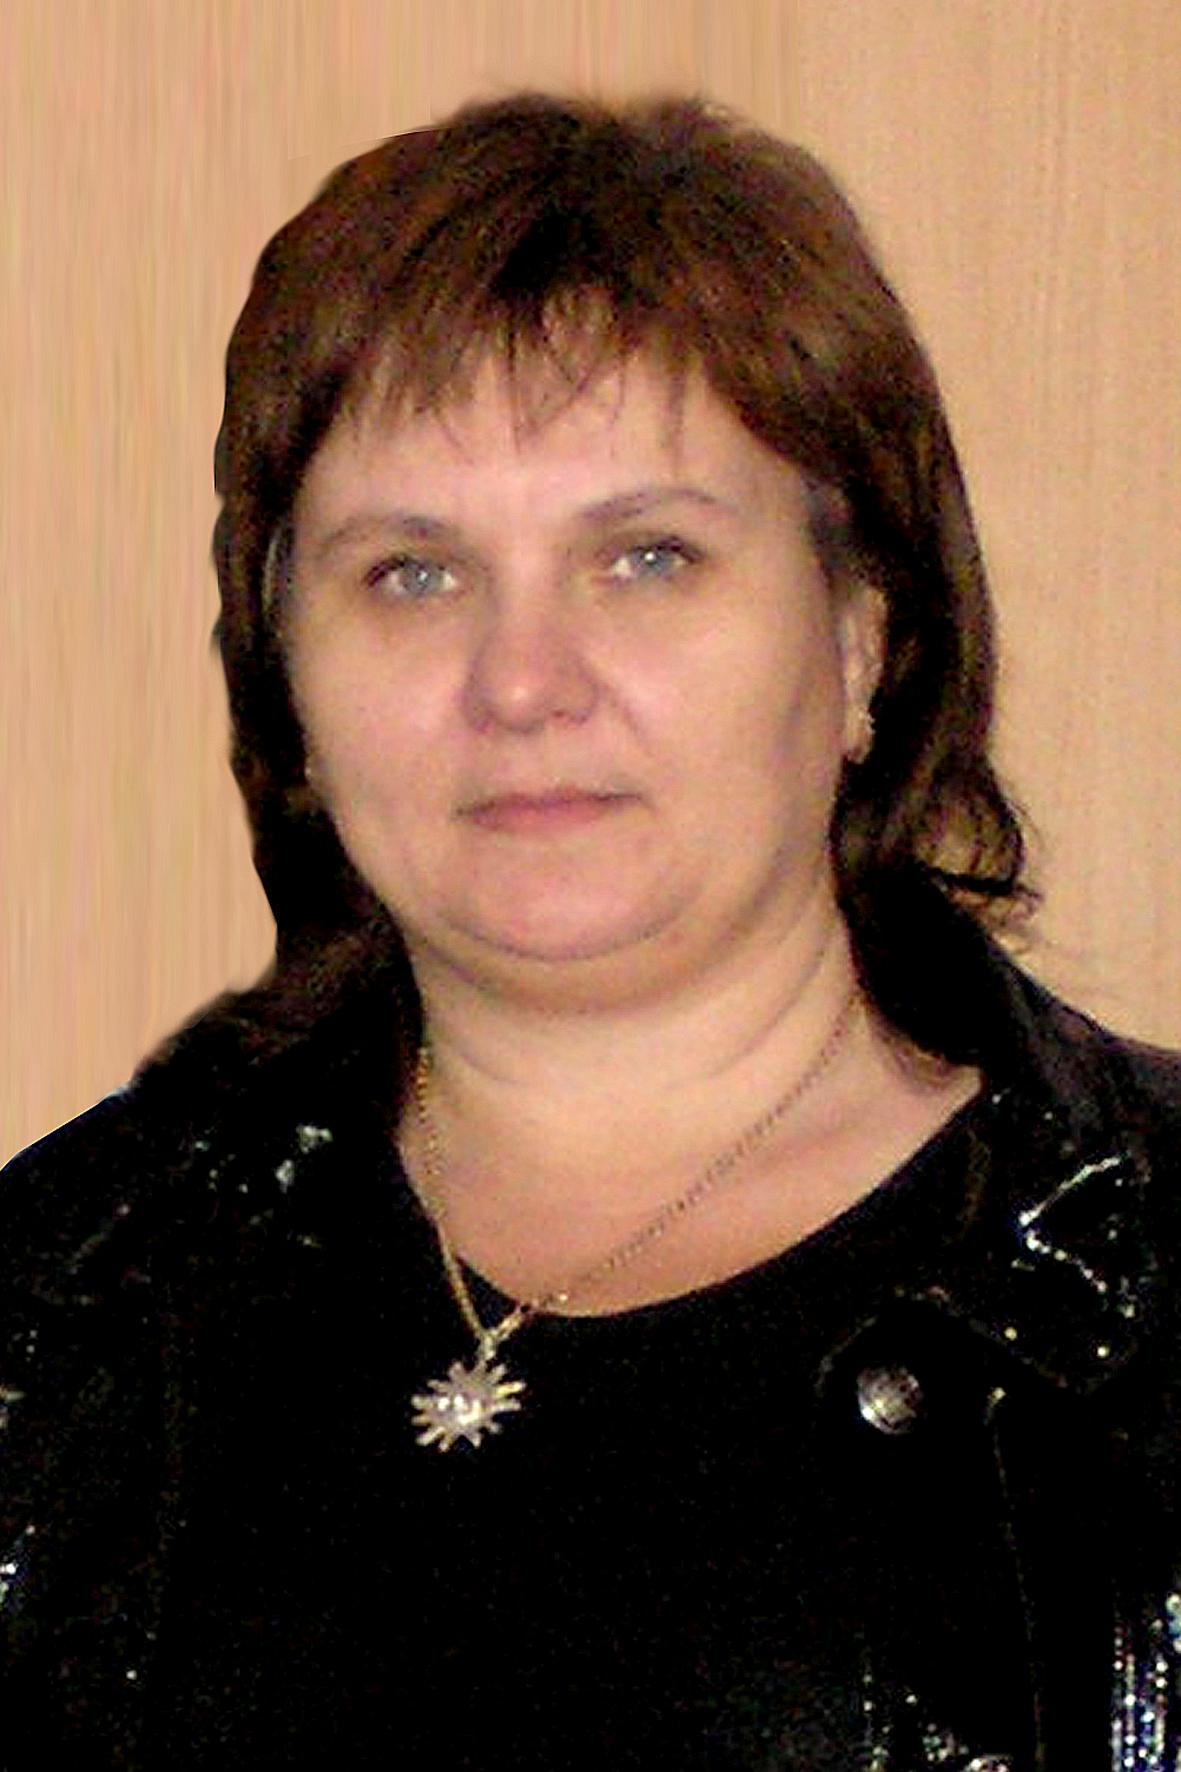 Ткаченко Єлизавета Юріївна